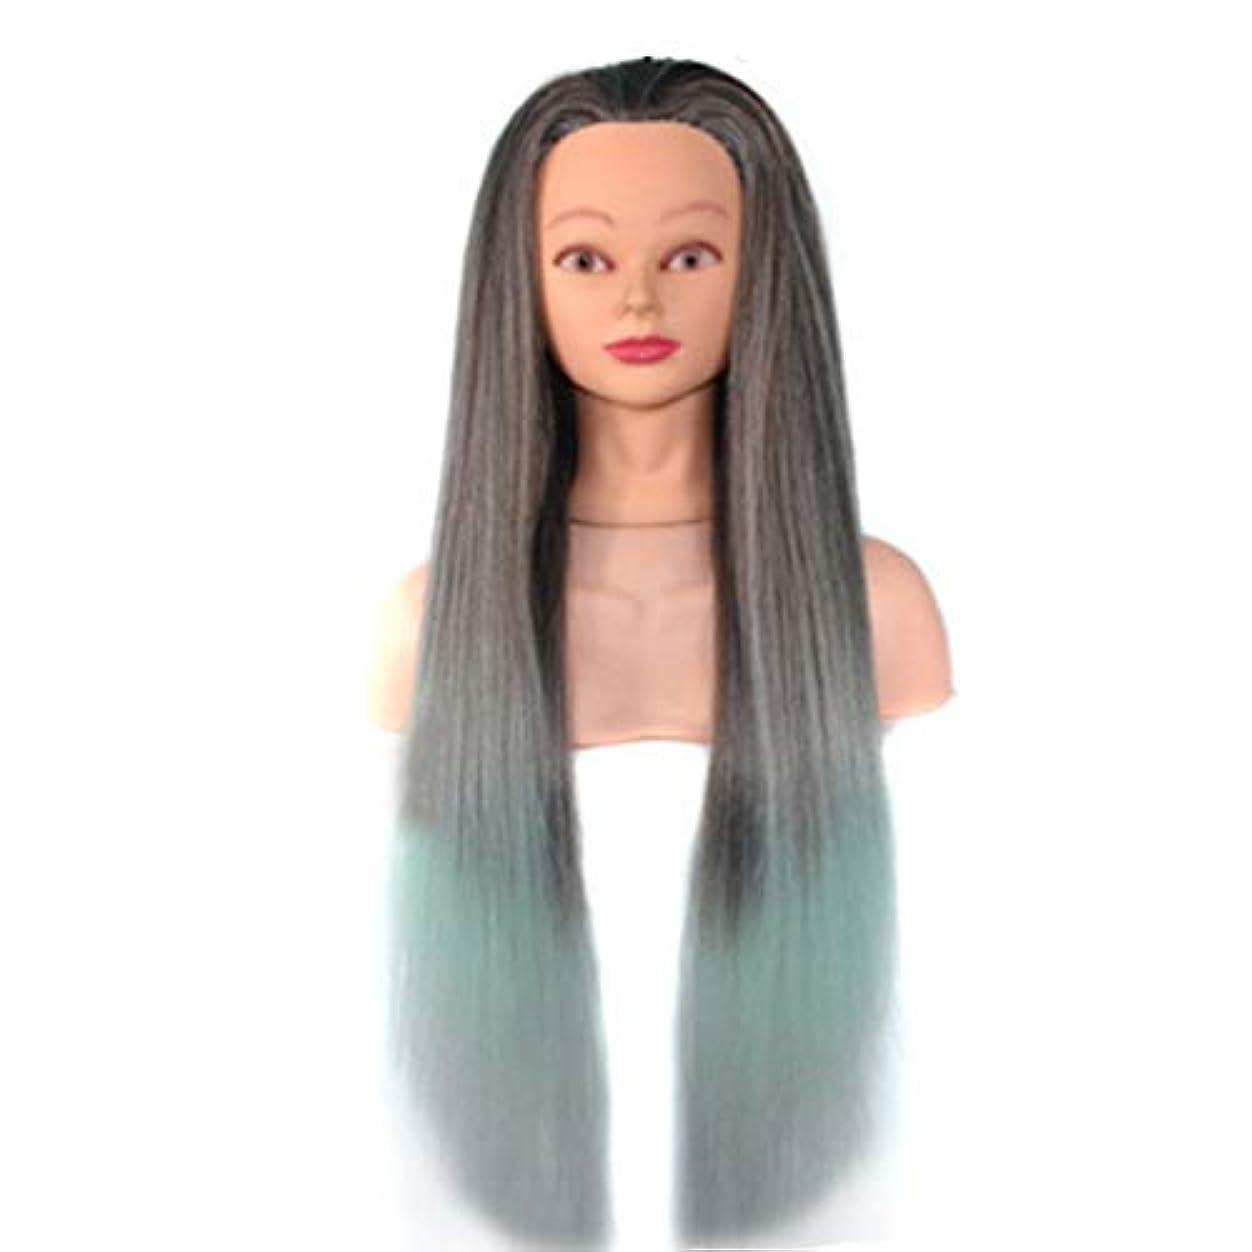 起訴するはげプランテーション化粧板髪練習帽子ジュエリーディスプレイヘッド金型高温シルクグラデーションカラートレーニングヘッドヘアマネキン,09